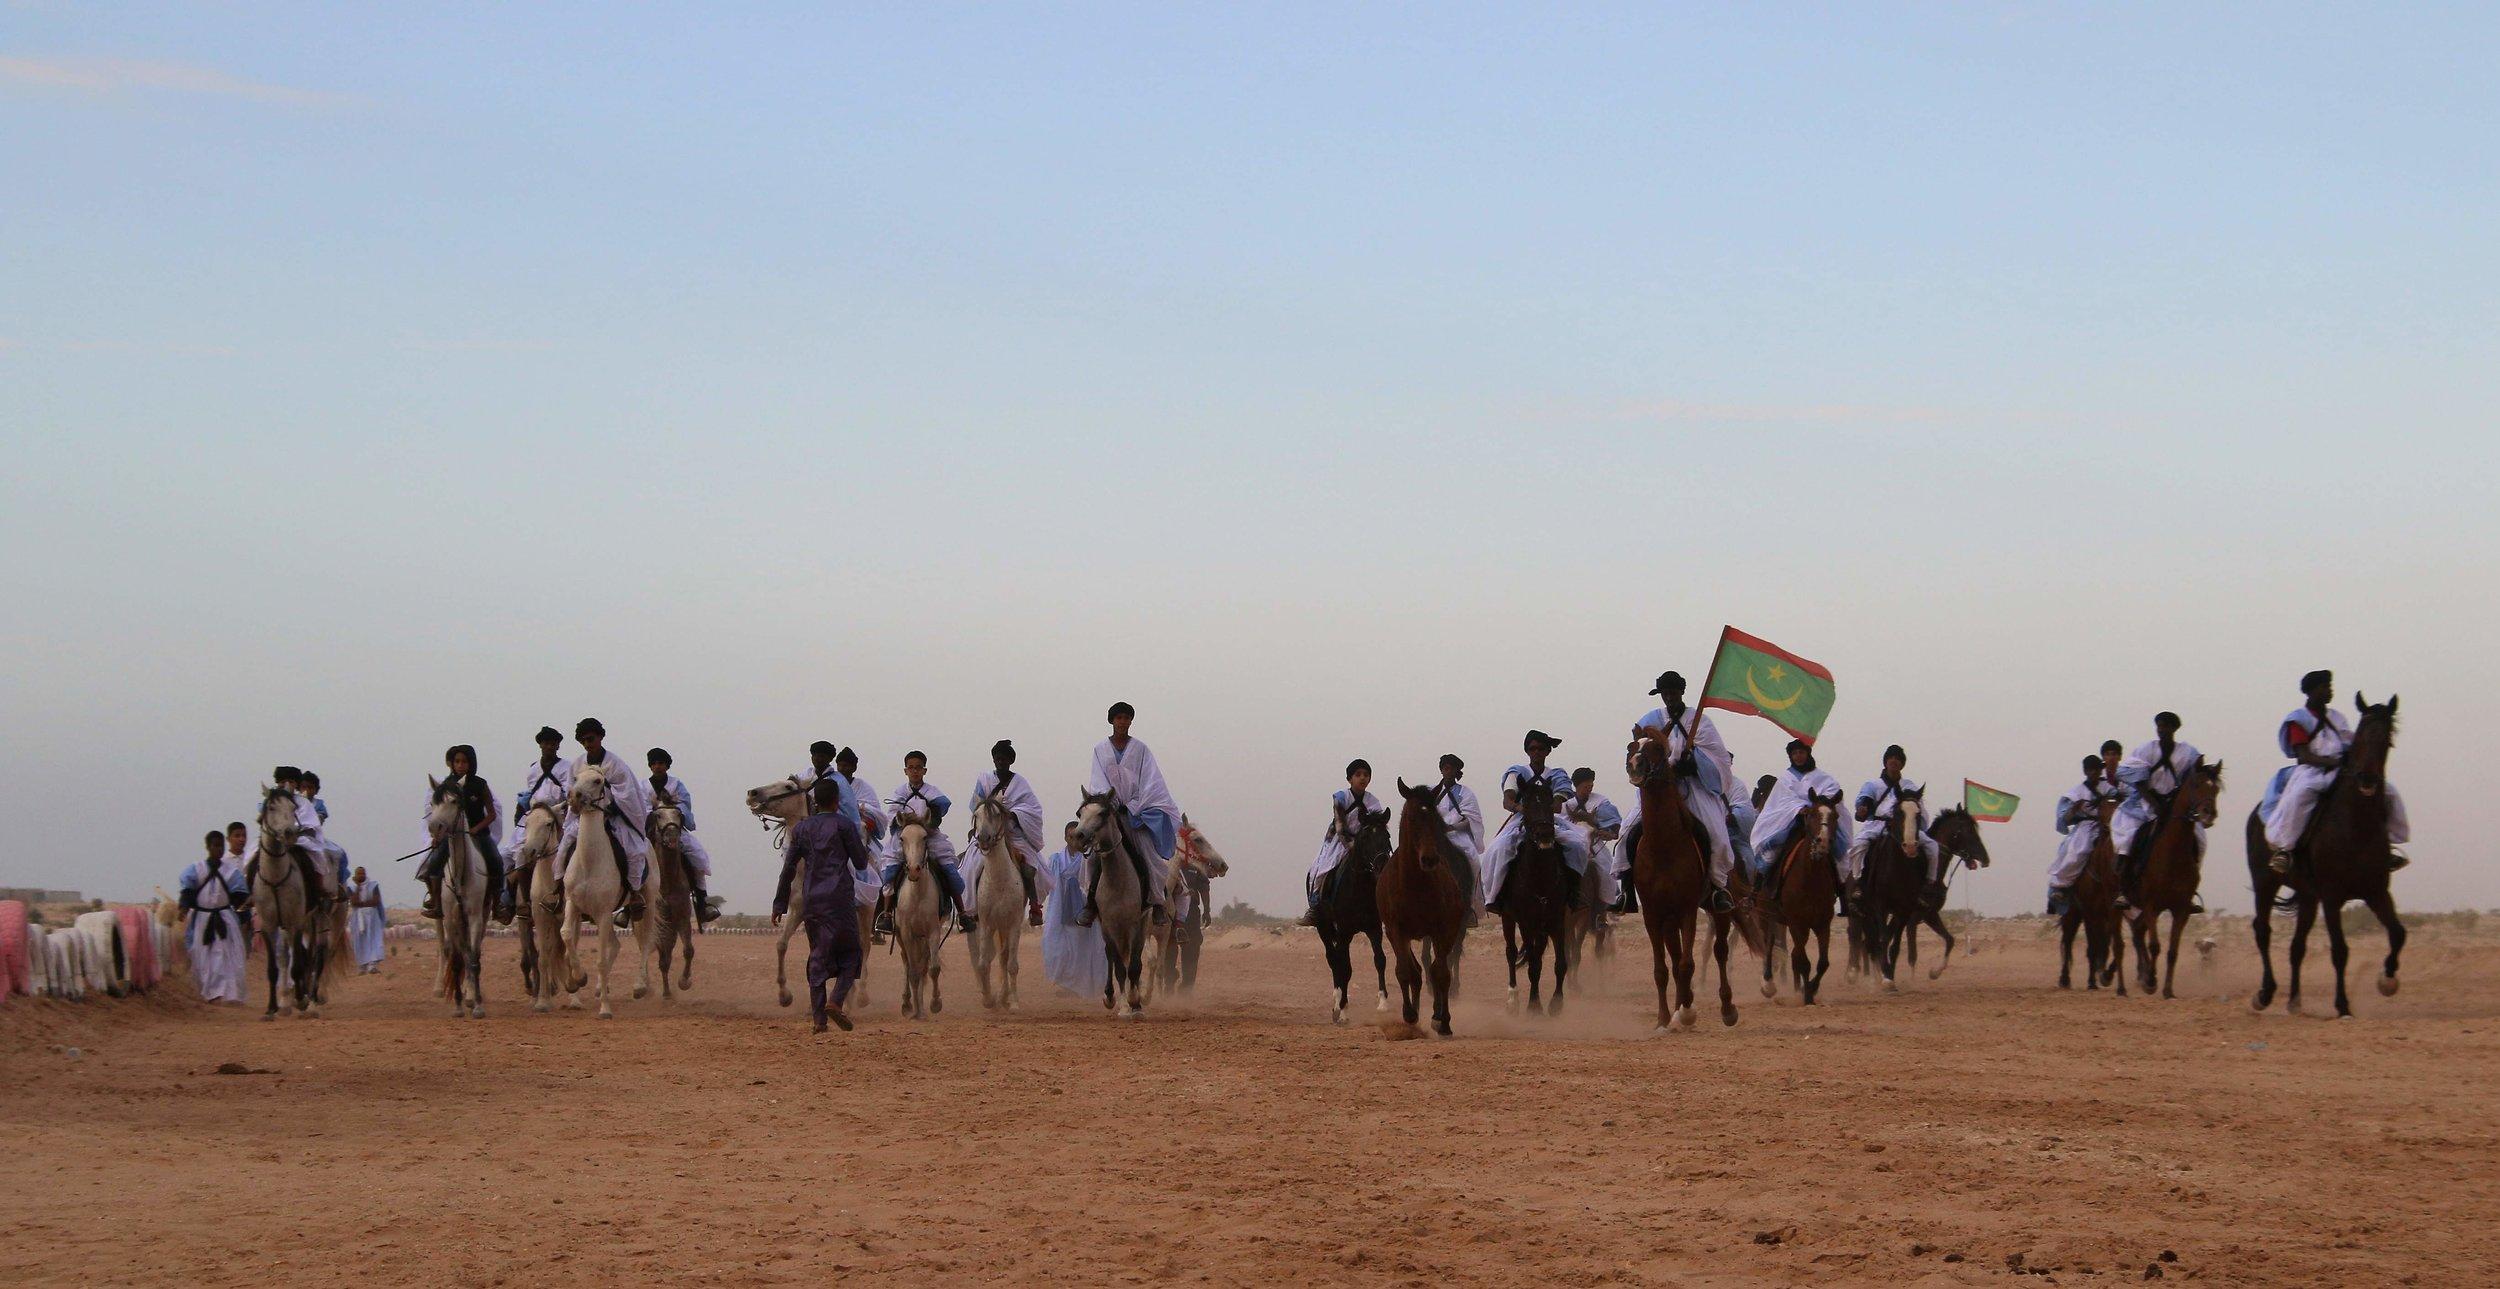 2019, Mauritanie - Dix jours de caravane culturelle dans le désert, une parade grandiose de dromadaires et de chevaux, des artistes Autochtones du Canada pour la première fois en Mauritanie, des musiciens mauritaniens et canadiens qui partagent musiques et rituels... Pour le 10e Festival Nomade, la Mauritanie vit dix journées inoubliables!Entre océan et dunes de sable, des dizaines de dromadaires et chevaux paradent à l'hippodrome de Nouakchott. Un spectacle extraordinaire qui rassemble de nombreux habitants et personnalités. Le Président de la Fédération Mauritanienne du Sport Équestre, le Professeur Sid Ahmed Mogueya, rend hommage aux valeurs des nomades.Le Festival Nomade présente aussi une soirée historique! Pour la première fois, des artistes Autochtones du Canada jouent en Mauritanie. A l'Institut Français de Mauritanie, Laura Niquay partage sa vision de la nation Atikamekw dans une ambiance folk-intimiste. Martin Akwiranoron Loft, artiste Kanien'kehá:ka, expose ses œuvres entre photographie et artisanat traditionnel.Les festivaliers découvrent d'autres artistes canadiens. Révélation Radio-Canada, Nomad'Stones fait exploser sa musique métissée. Gotta Lago, coup de cœur des Francos de Montréal, fait voyager avec ses rythmes et son énergie contagieuses.Les artistes canadiens sont chaleureusement accueillis par le public et les musiciens mauritaniens. Parmi eux : la célèbre diva Noura Mint Seymali et plusieurs artistes nomades traditionnels, jeunes et anciens.Enfin, c'est le départ d'une incroyable caravane culturelle dans le désert !!! Pendant dix jours, le Festival (vraiment) Nomade parcourt 120 km jusqu'au village d'Ivijaren. Dans l'immensité de sable, les musiciens canadiens et mauritaniens partagent avec les habitants semi-nomades du désert. Les discussions et les concerts au creux des dunes resteront gravés dans les mémoires…